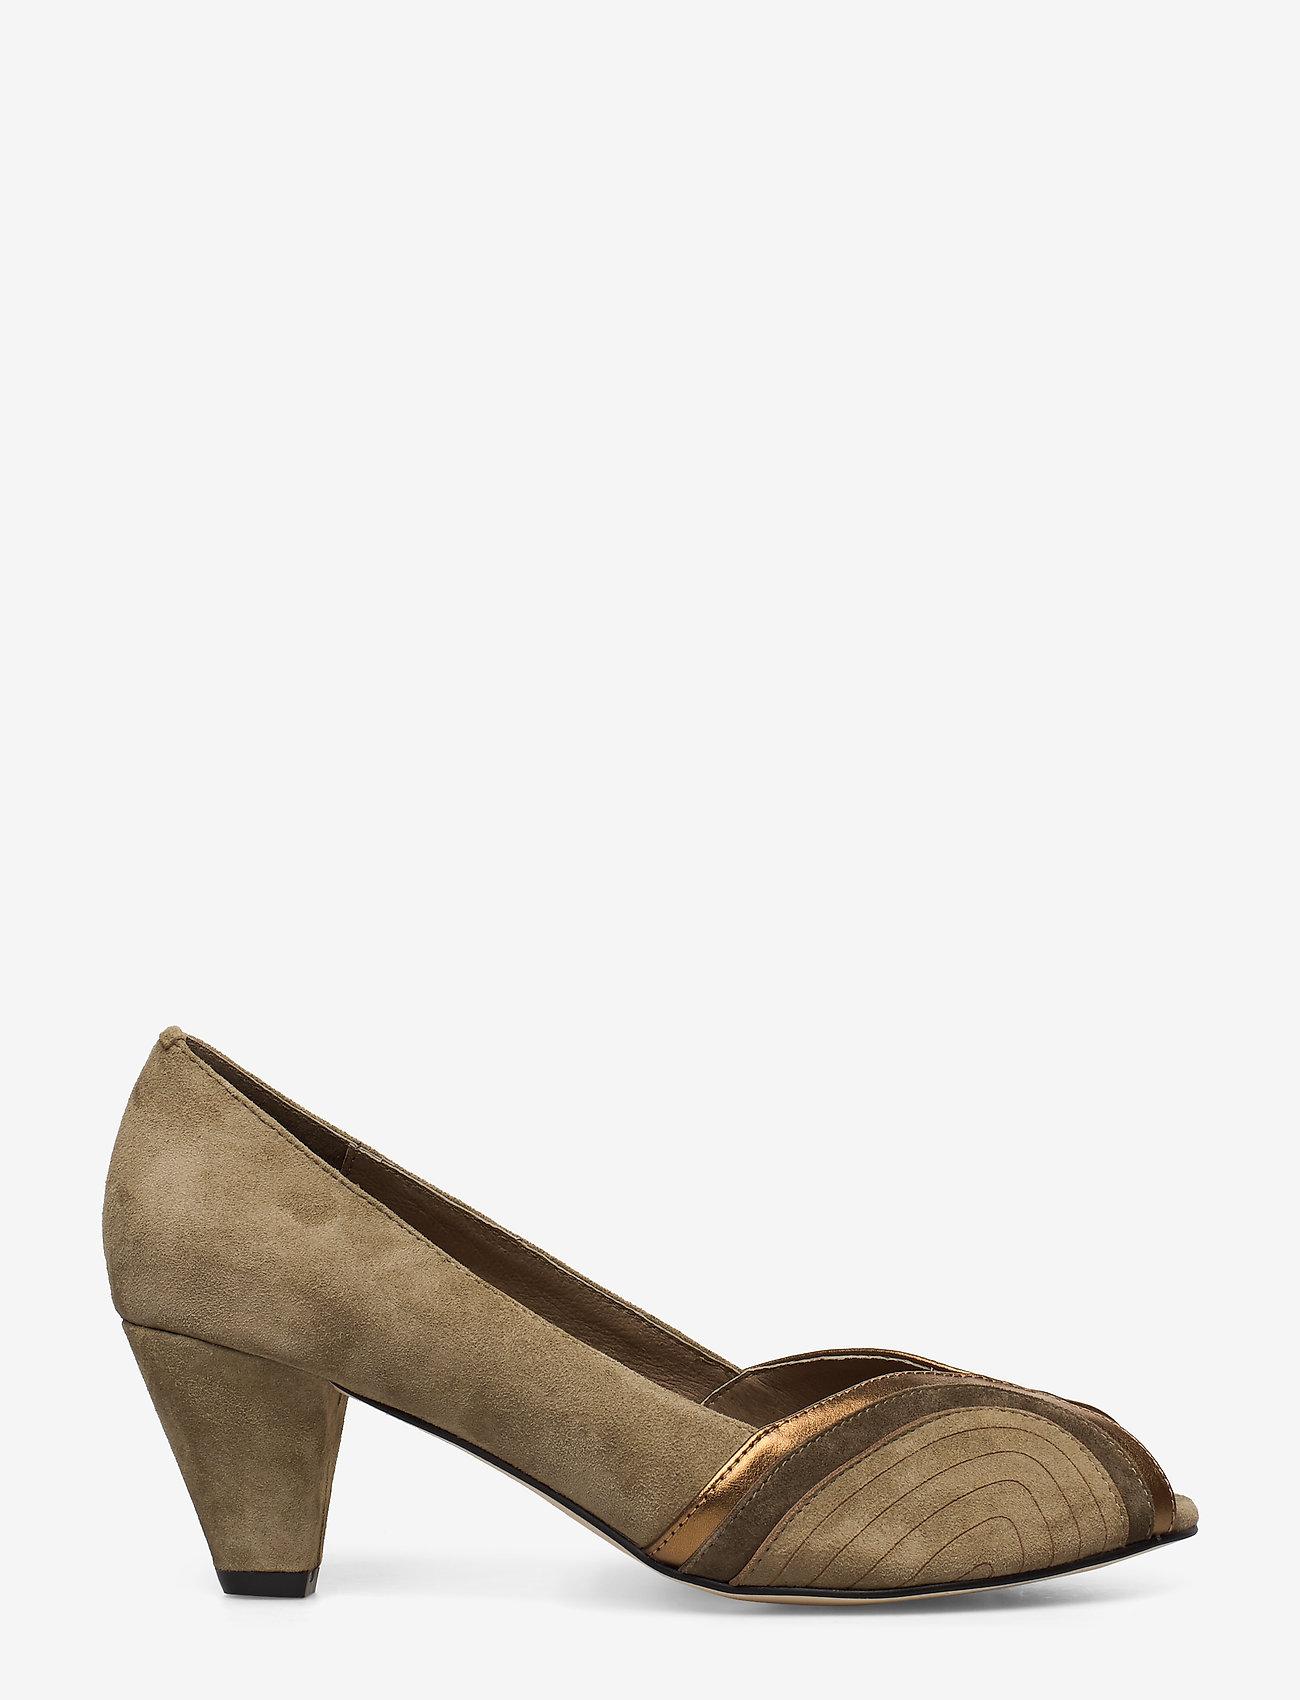 Sofie Schnoor - Shoe - peeptoes - green - 1